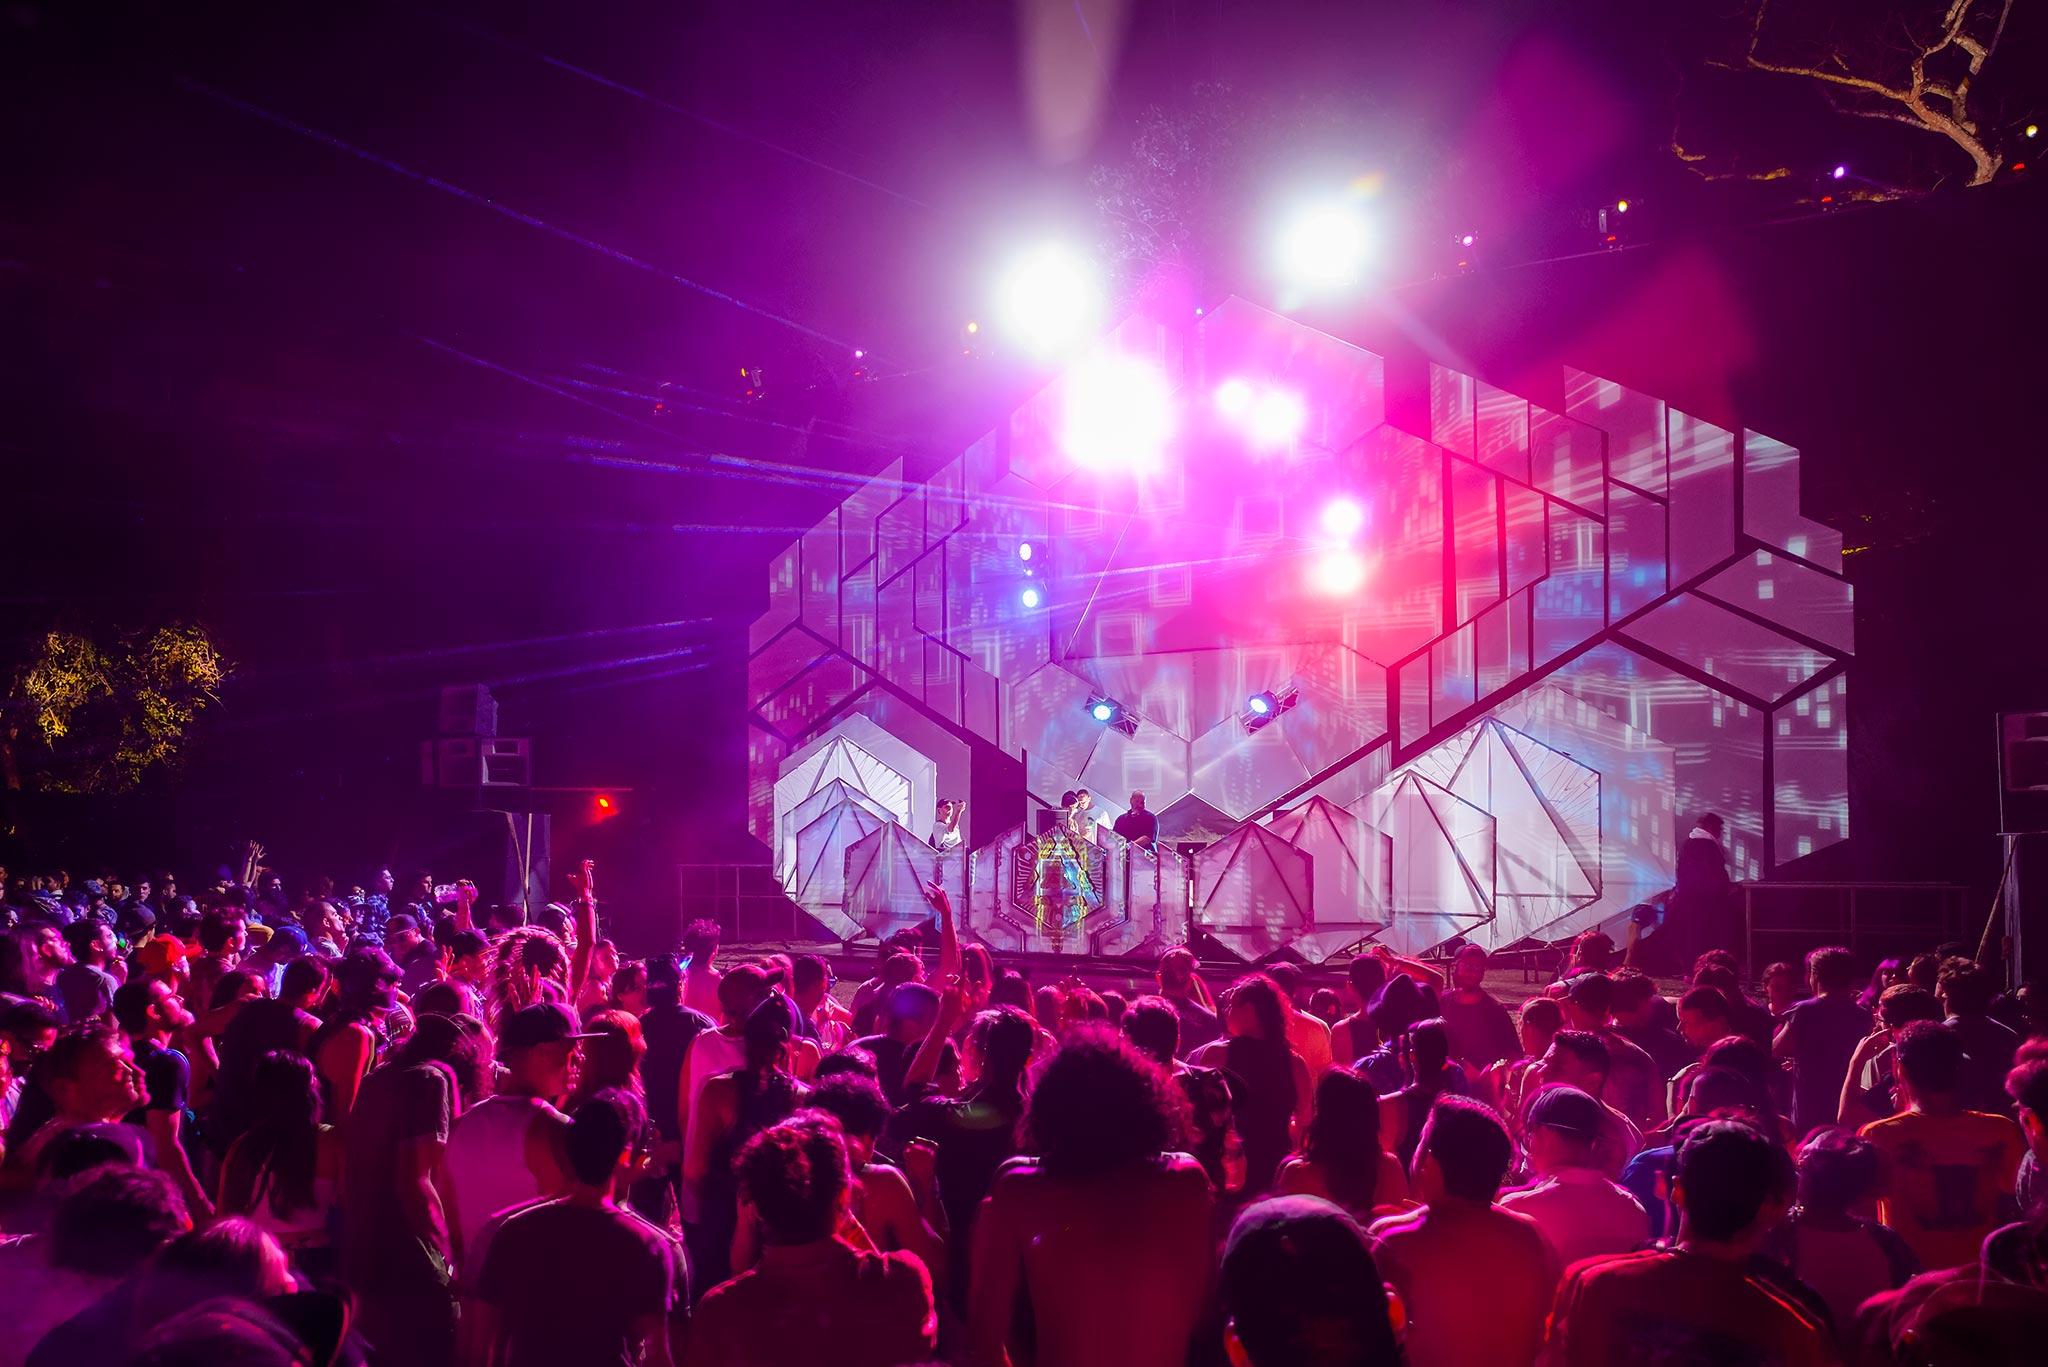 ocaso-festival-tamarindo-by-pablo-murillo-06-01-2018-0525